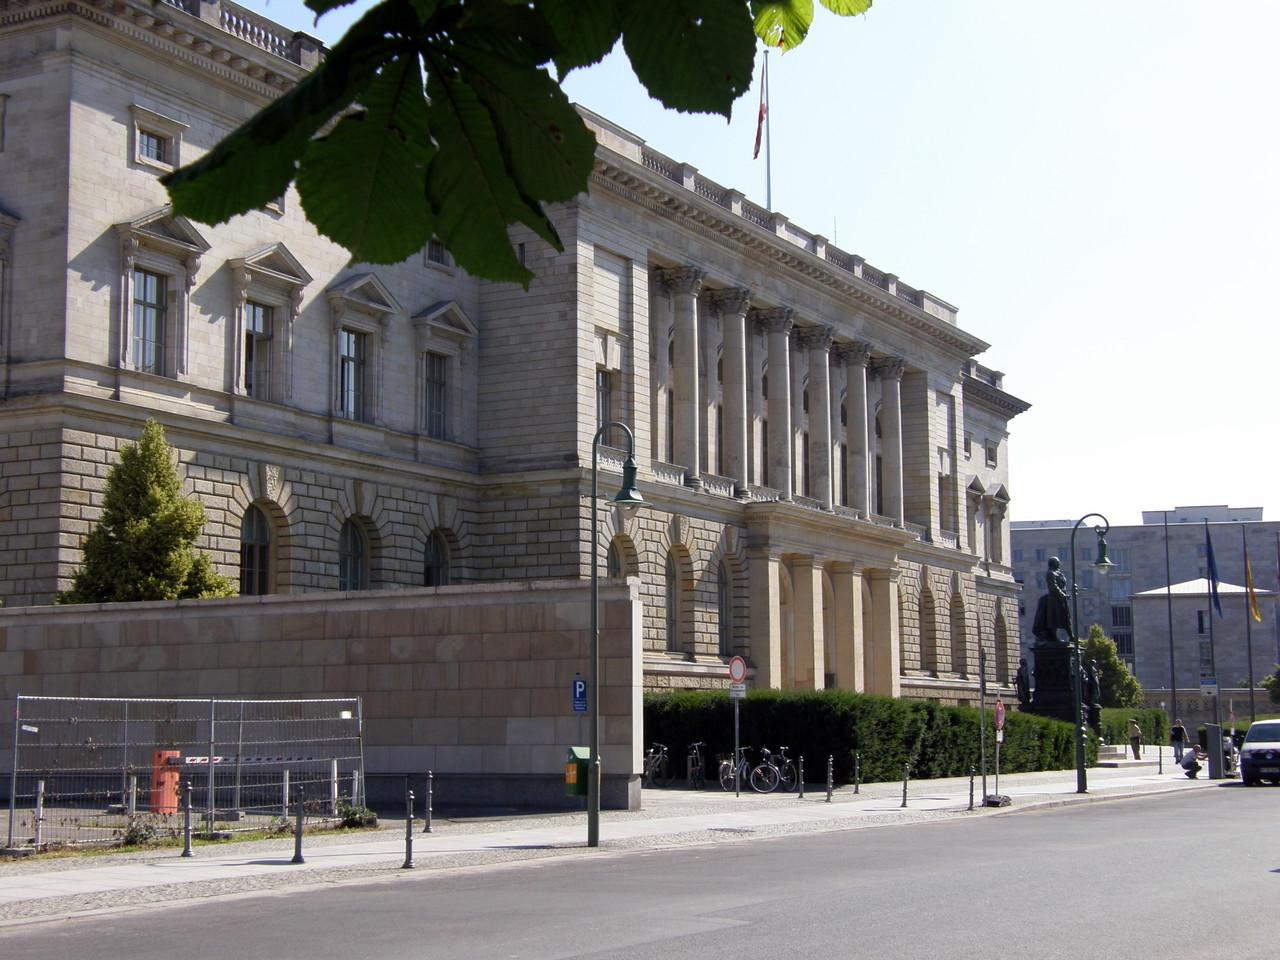 Am nächsten Morgen: Berliner Abgeordnetenhaus, ehemals Preußischer Landtag ...